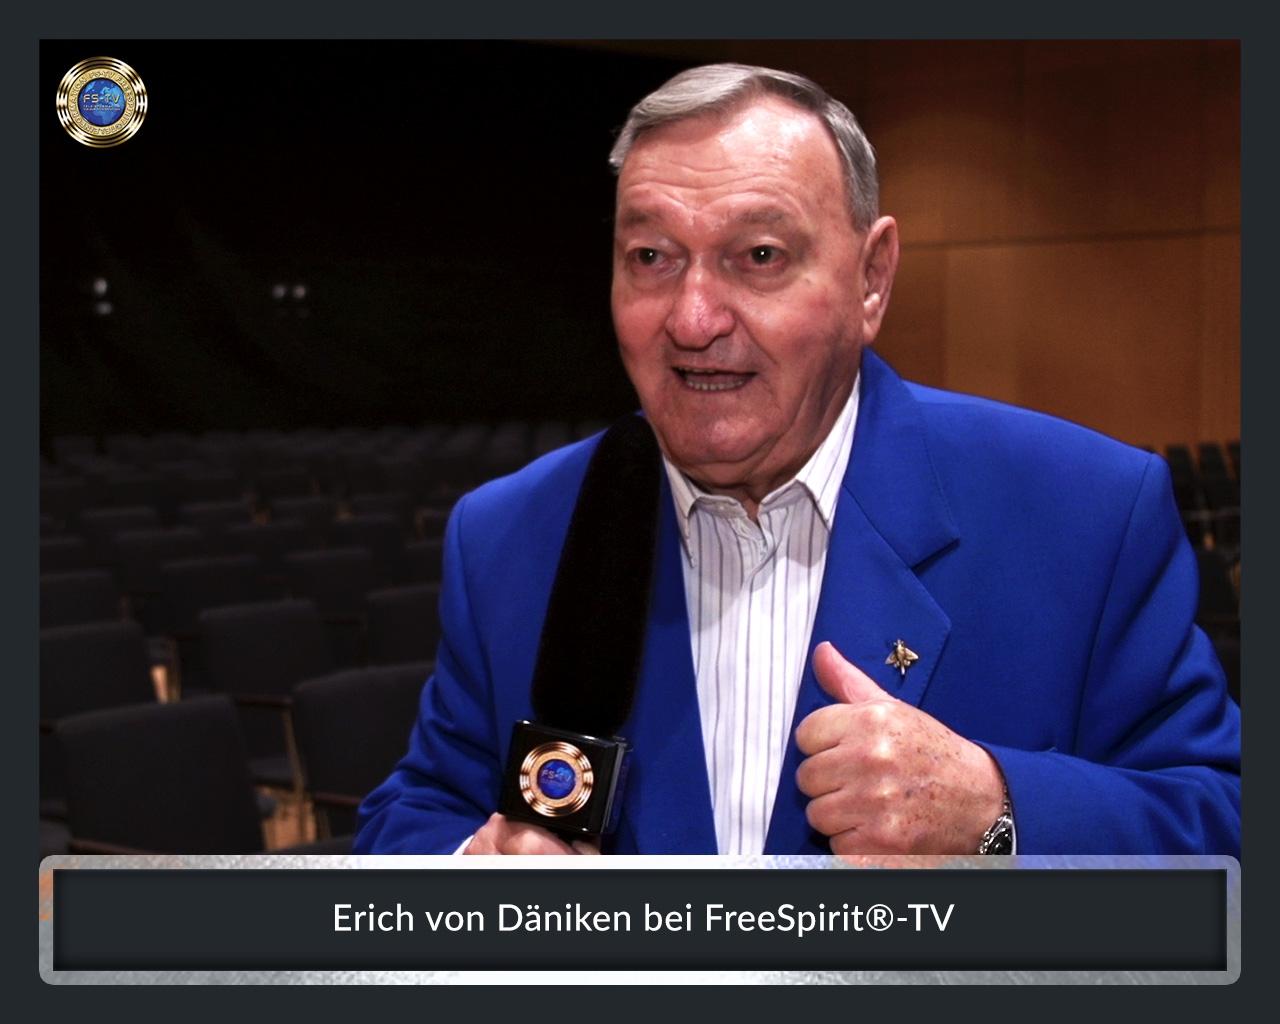 FS-TV-Bildergallerie-Erich-von-Daeniken